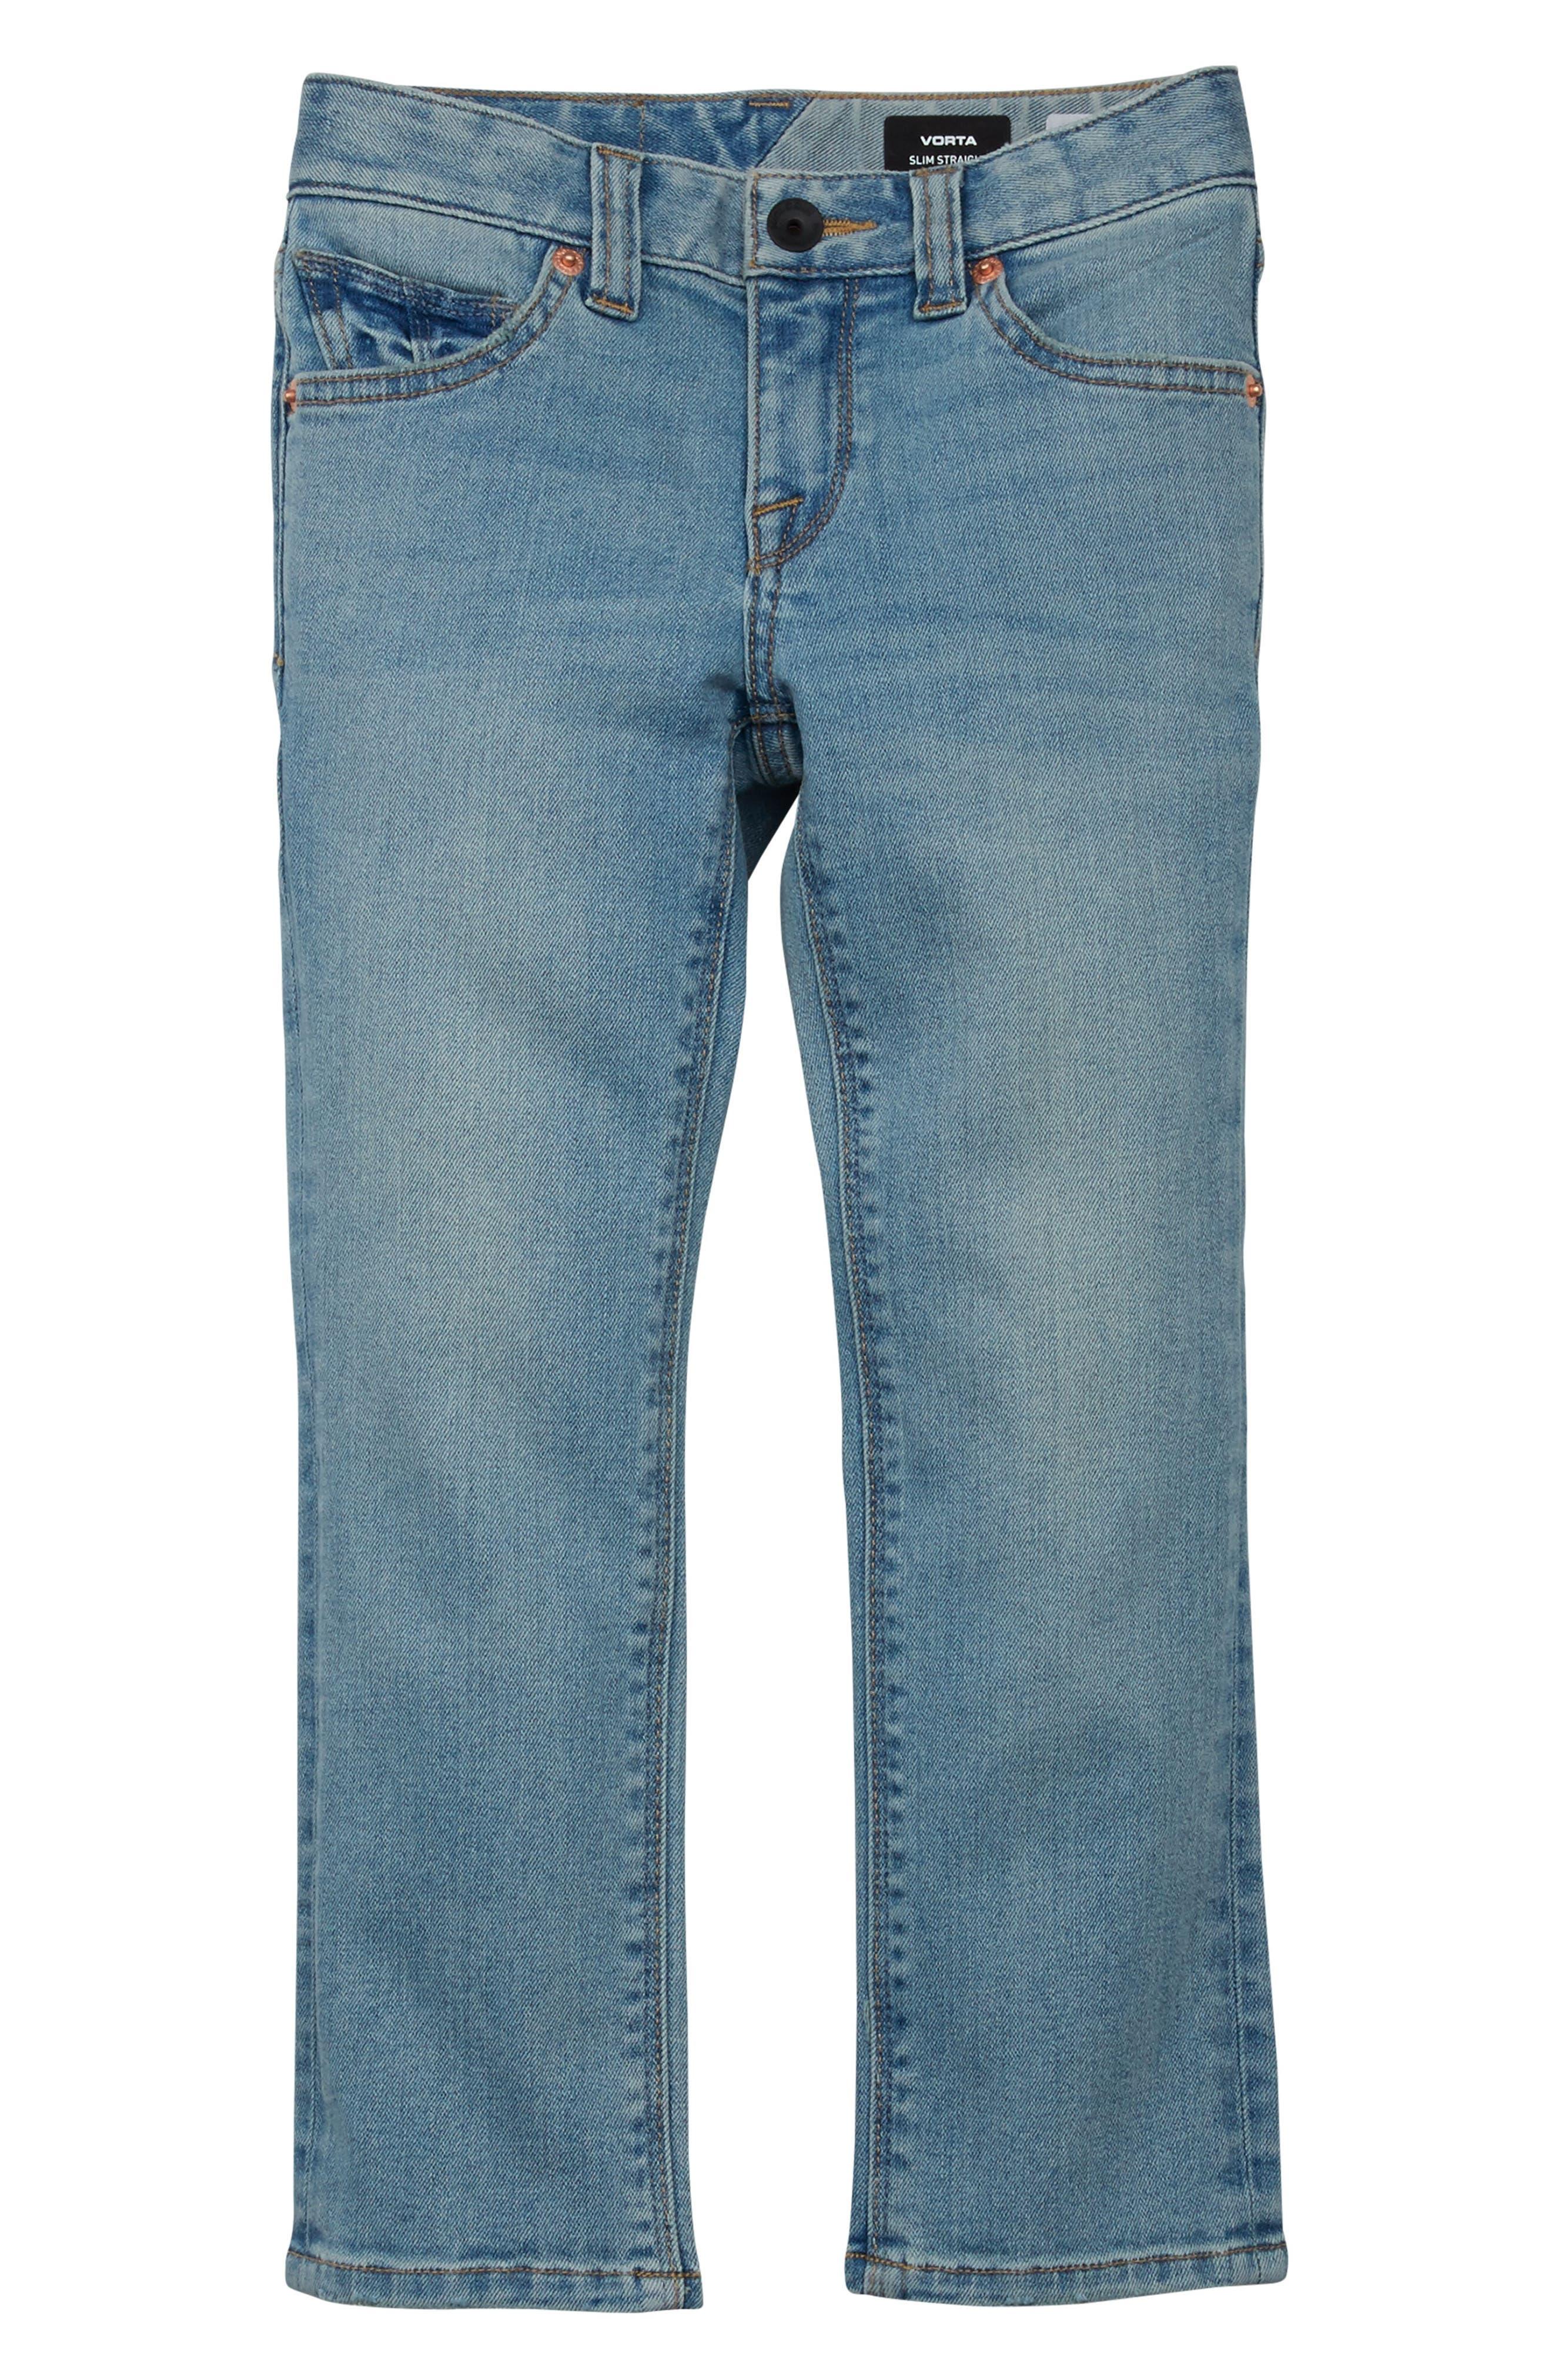 Vorta Slim Fit Jeans,                             Main thumbnail 1, color,                             STONELIGHT